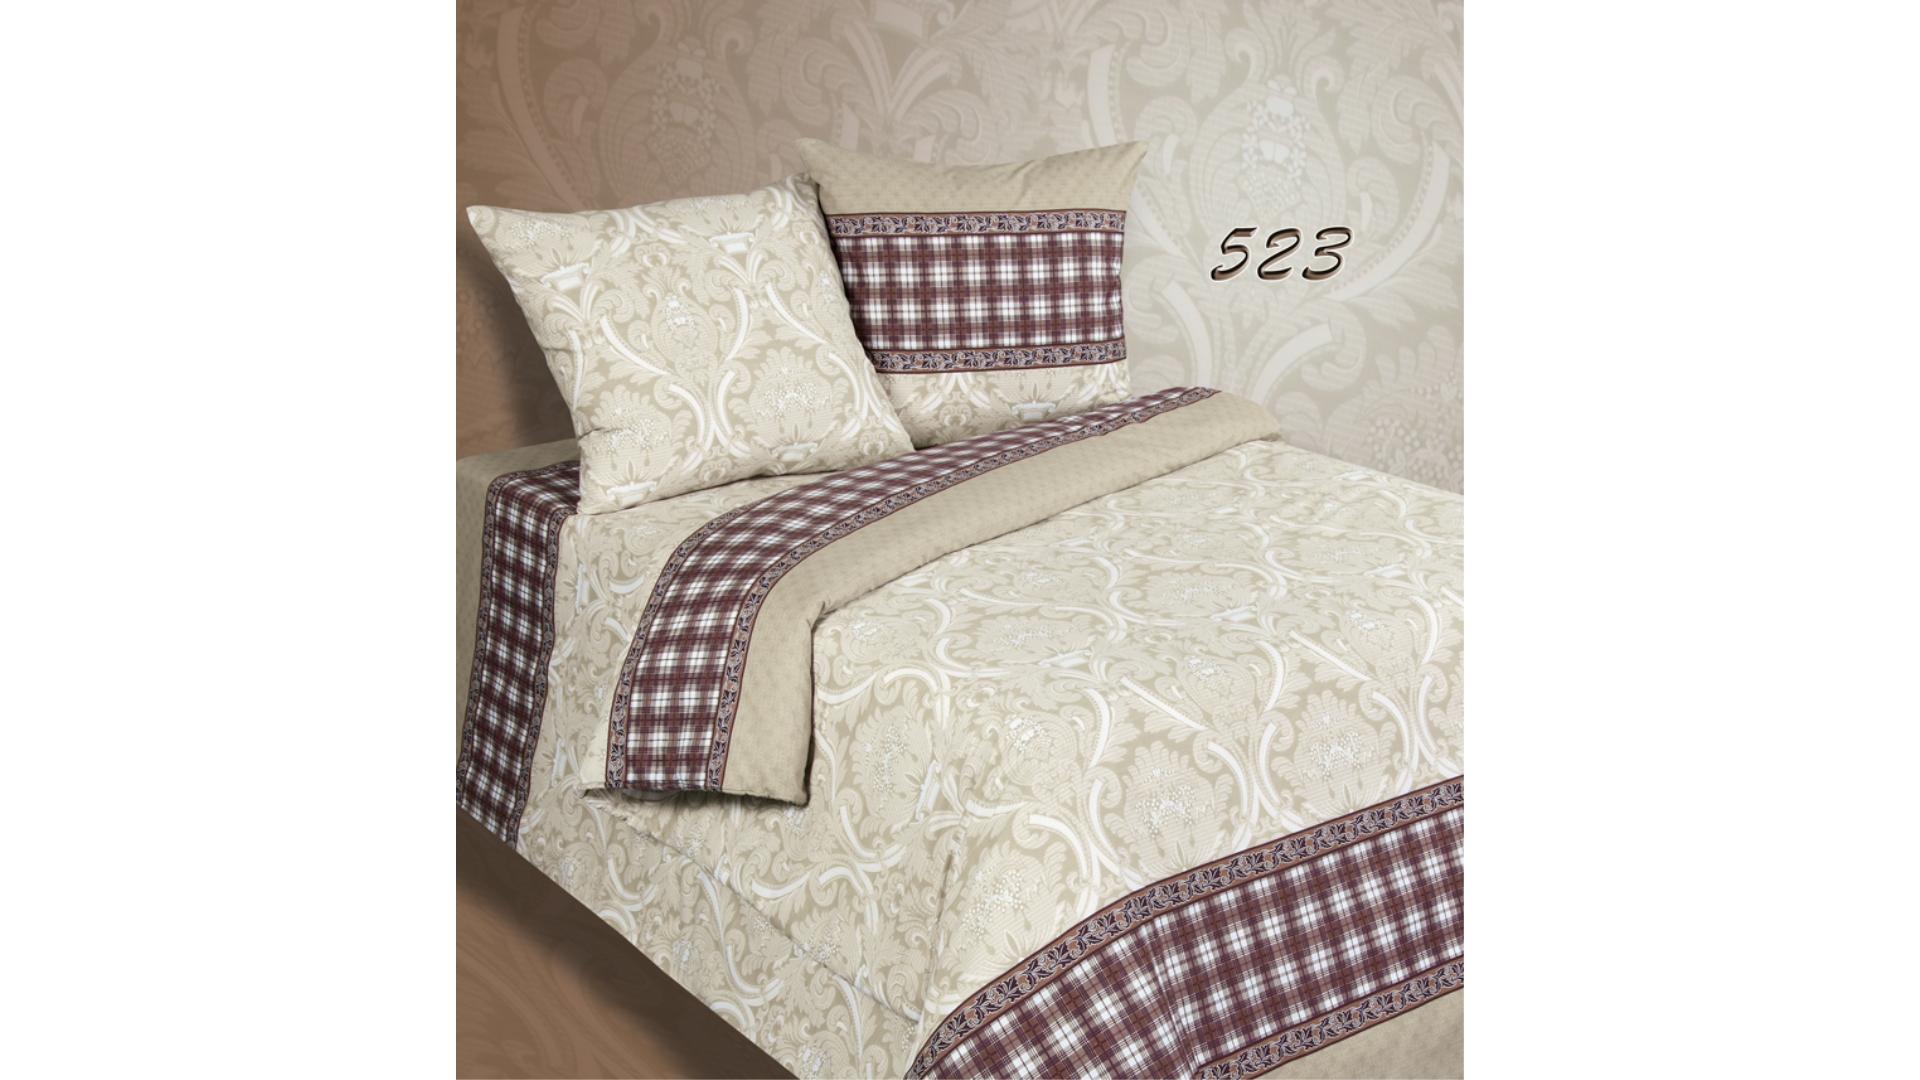 Комплект постельного белья Экзотика (523) фото FullHD (0)